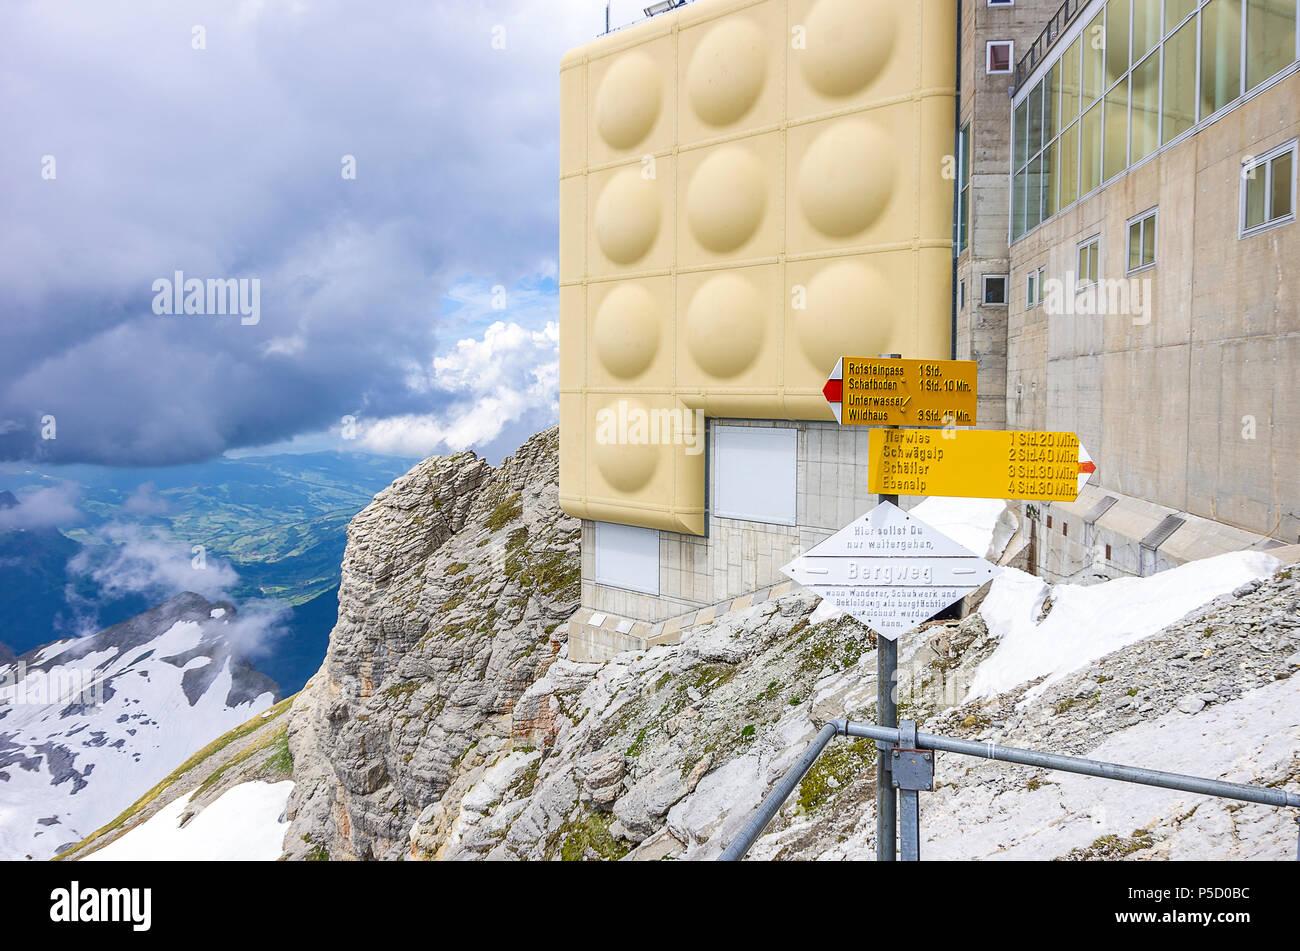 Auf dem Gipfel des Säntis, Appenzell Alpen, Schweiz - fingerposts und Bergstation Gebäude. Stockfoto